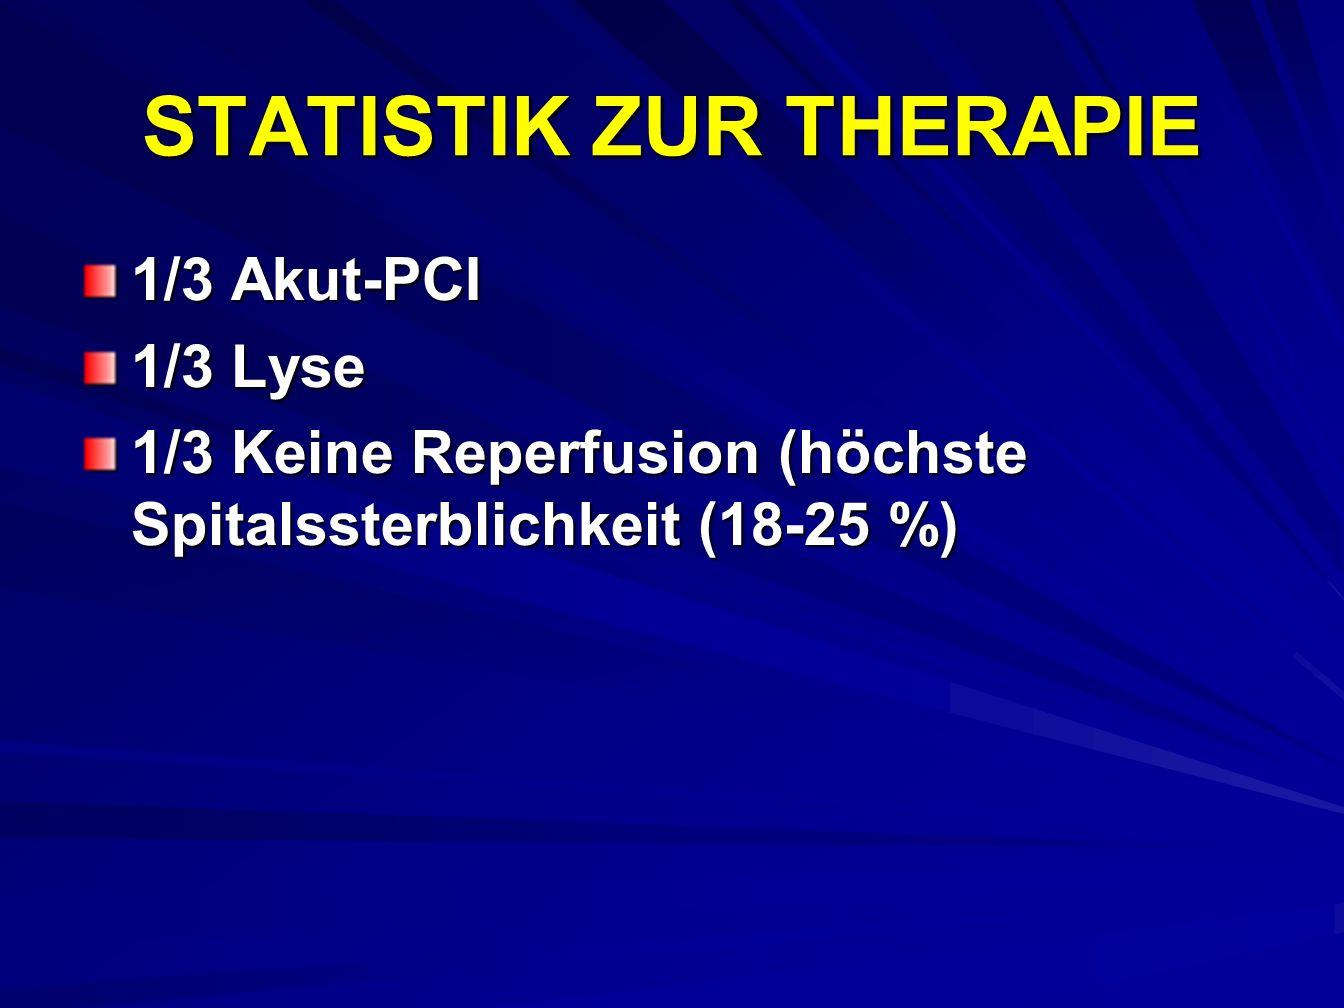 STATISTIK ZUR THERAPIE